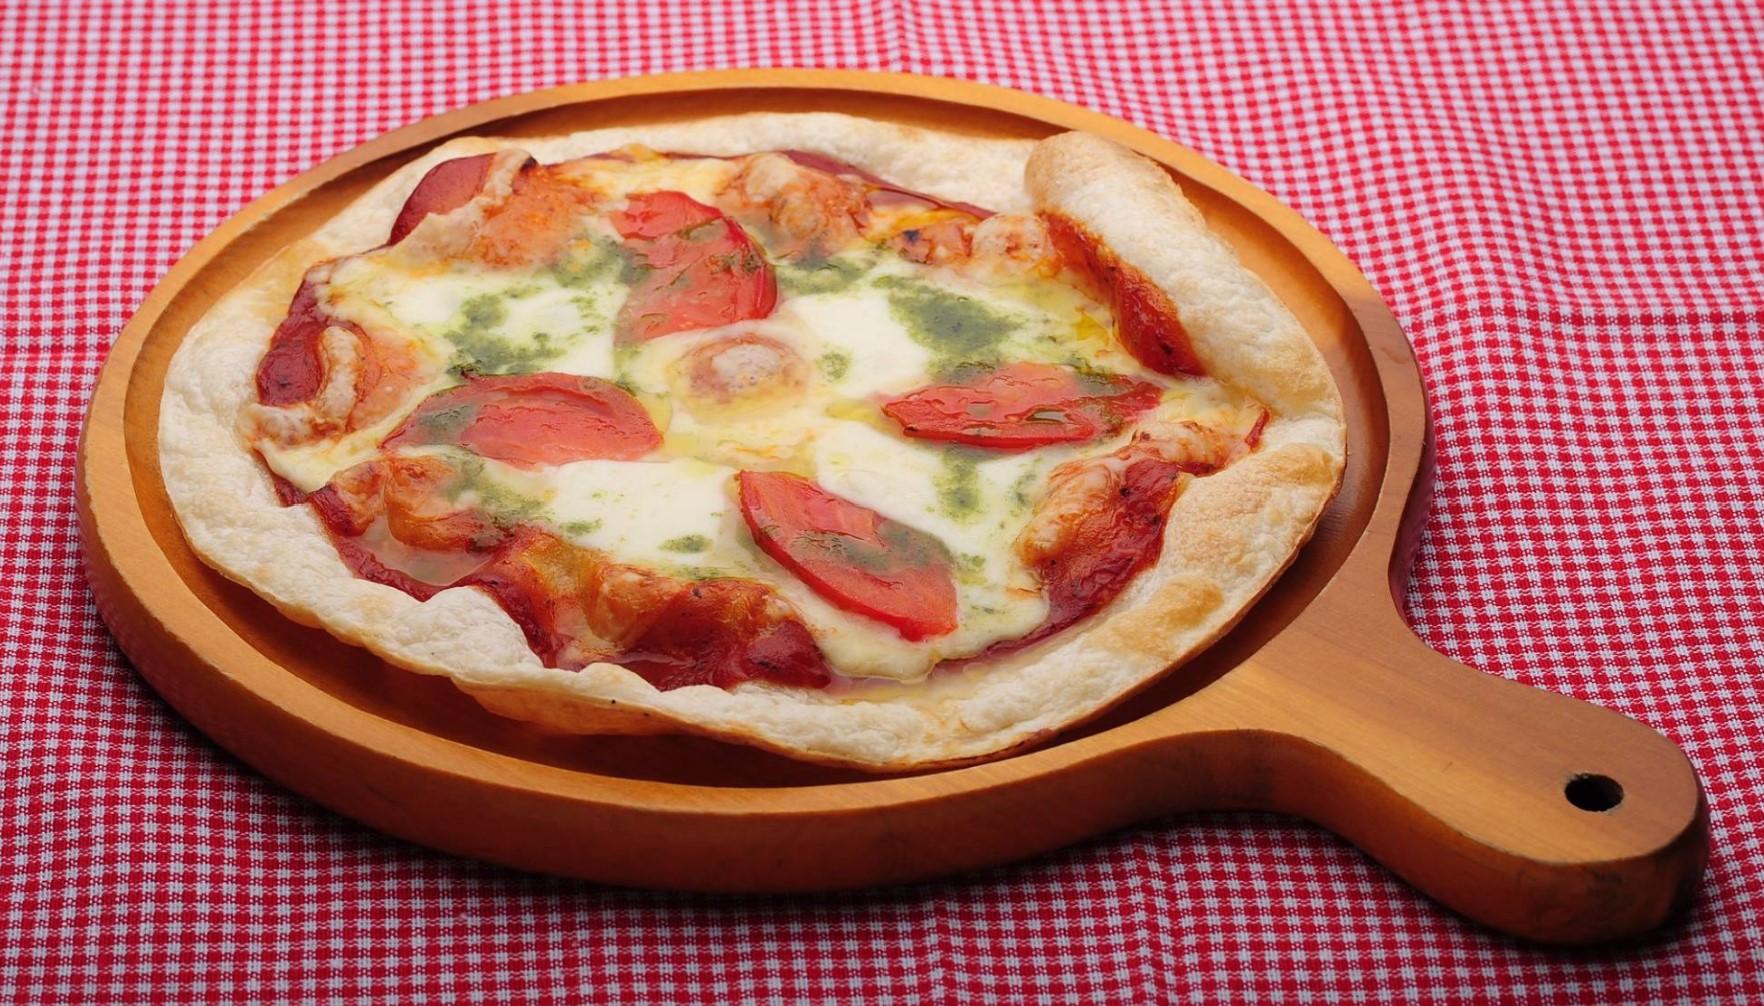 【熊本市北区植木】ITALIAN STYLE TAO CAFE 植木本店のテイクアウト情報!もっちり生地が美味しいピザ